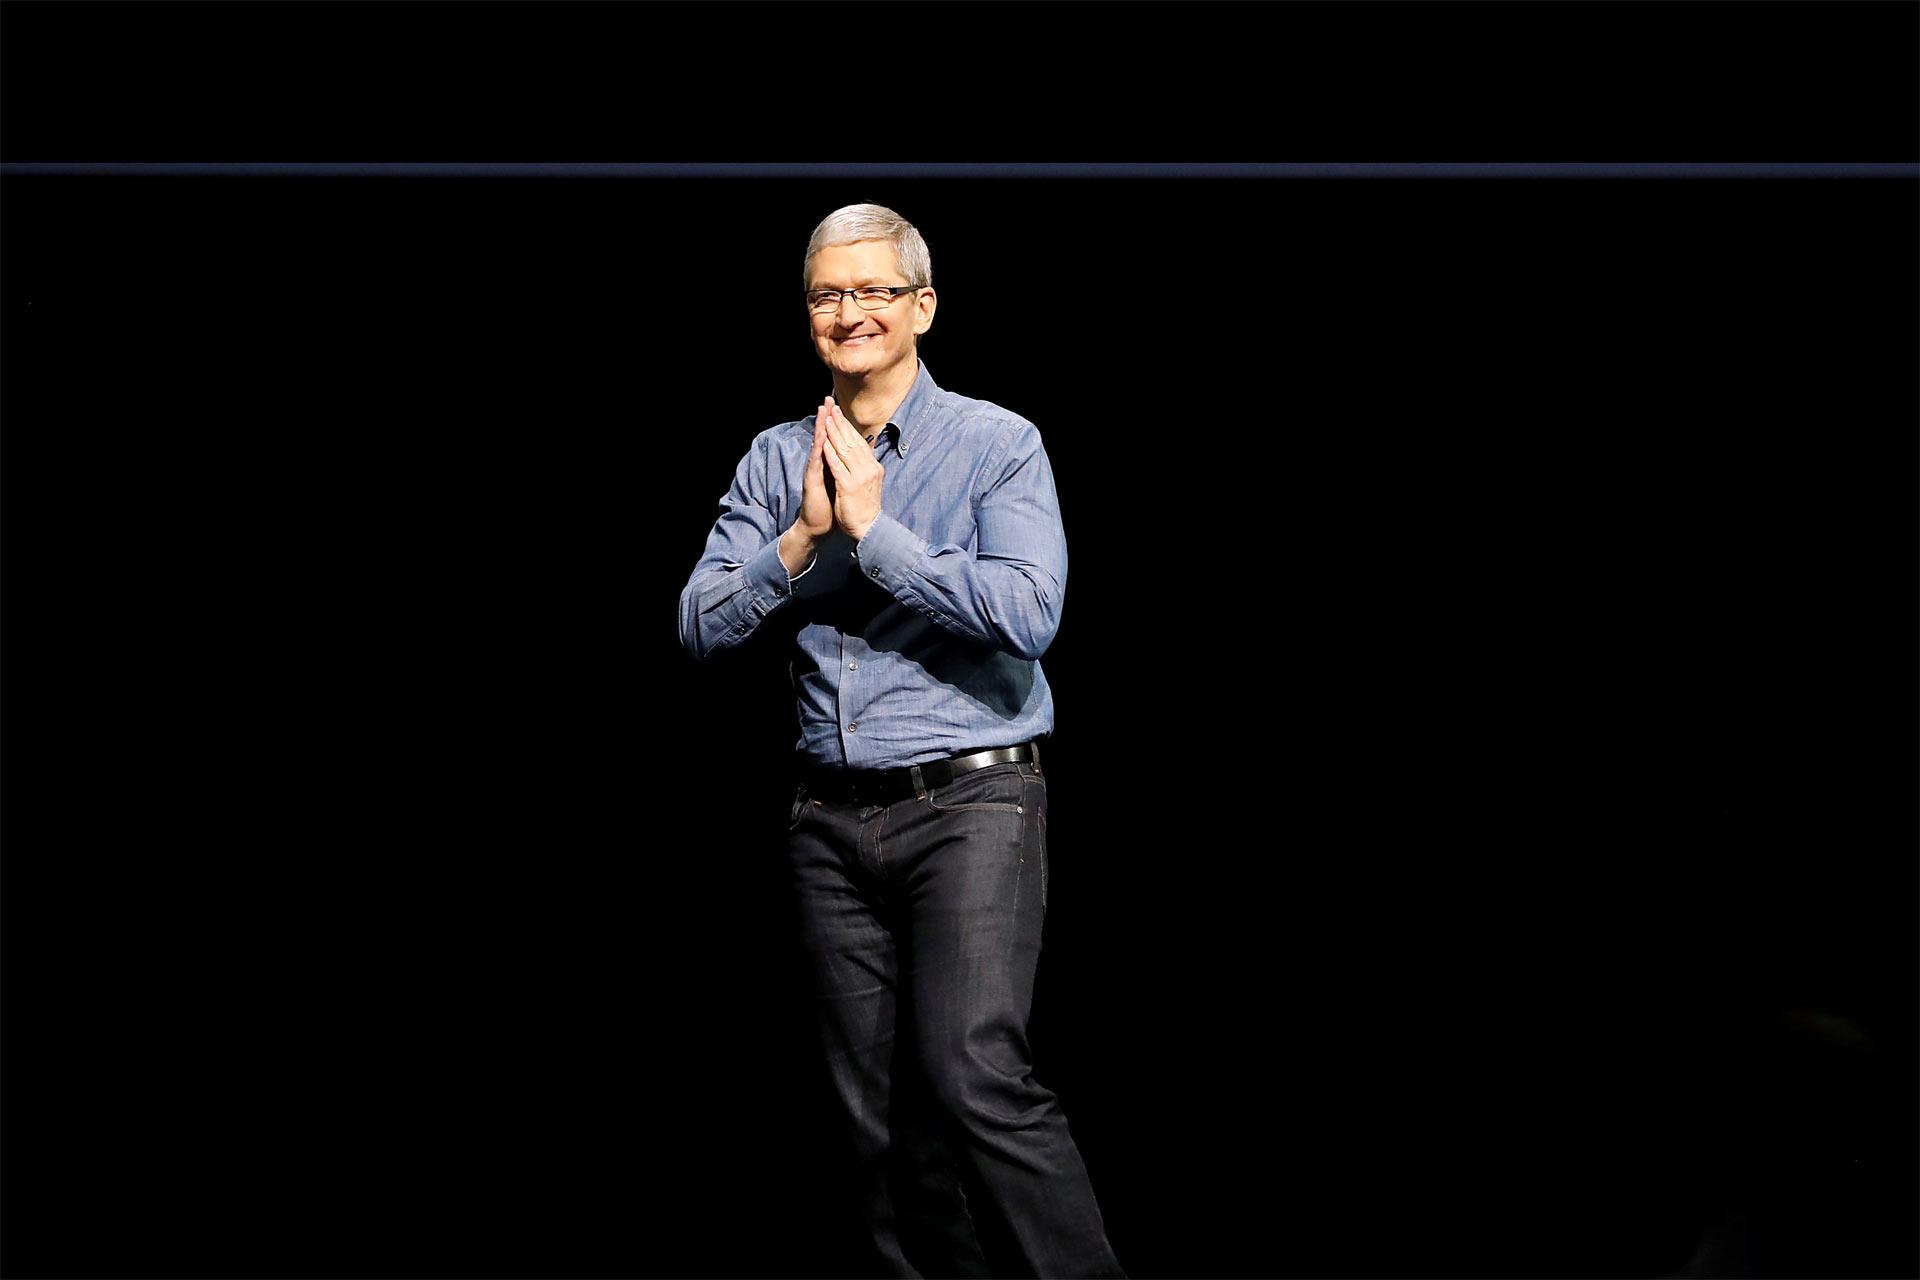 El asistente digital Sitri operará también en computadoras Mac